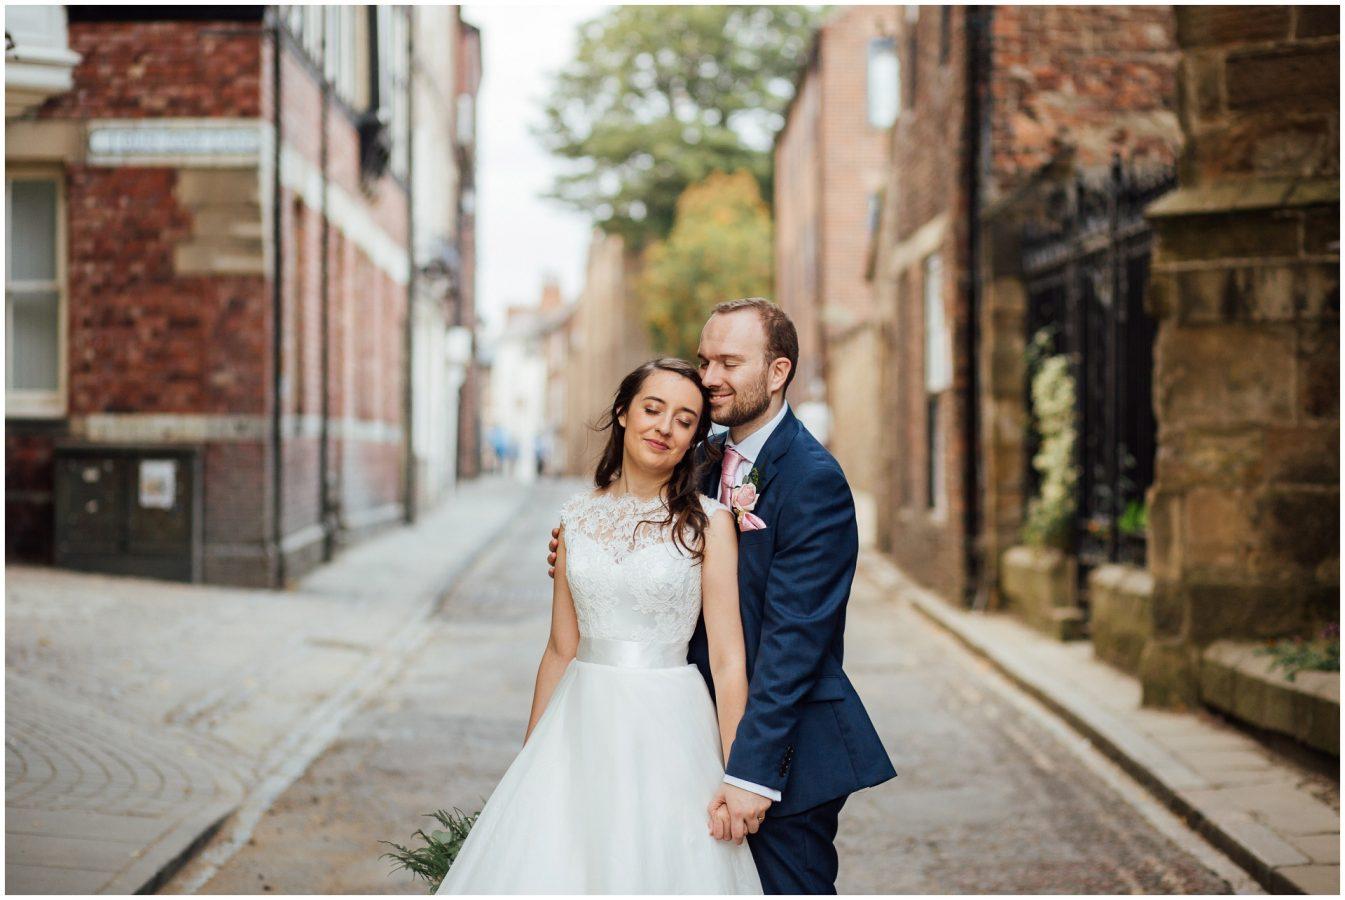 Katie-Alex-St-Chads-College-Durham-Wedding-Jules-Barron-Photographer-2018